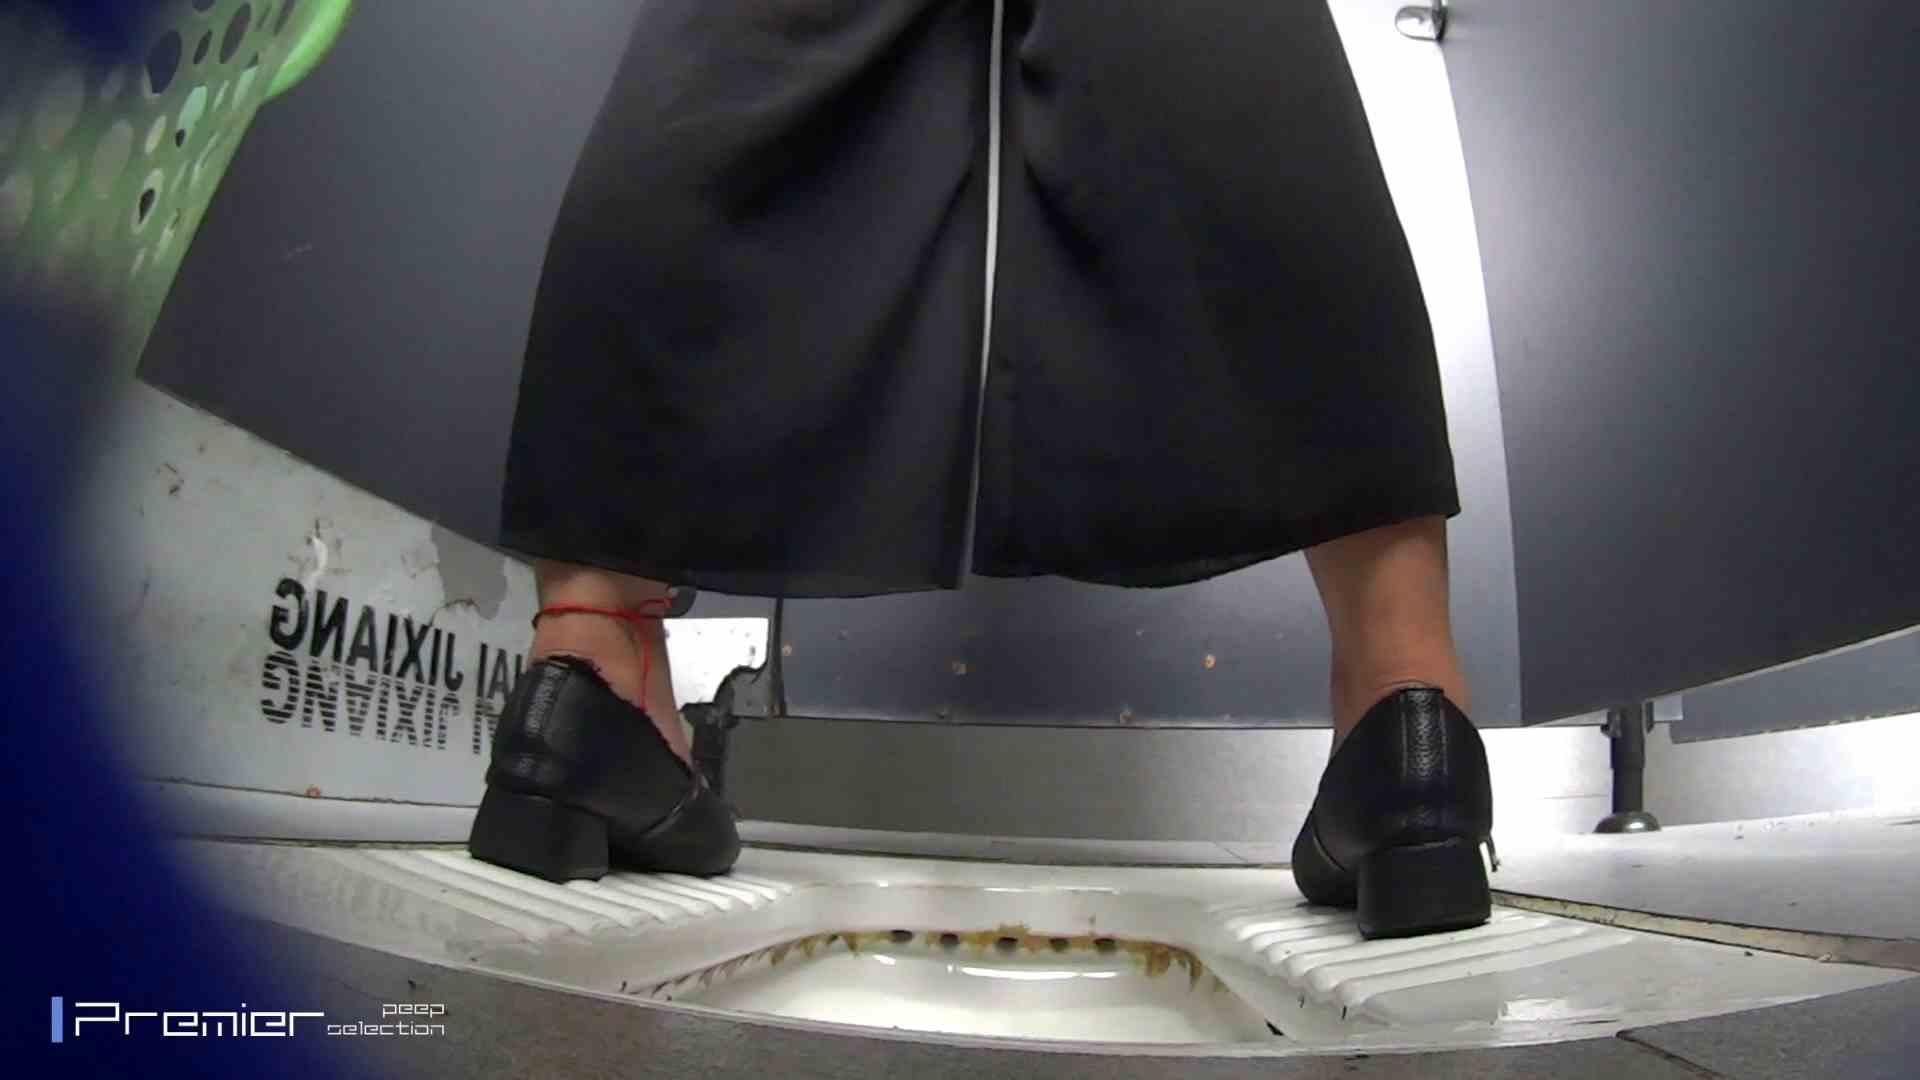 夏全開!ハーフパンツのギャル達 大学休憩時間の洗面所事情44 美肌 | 高評価  105画像 13